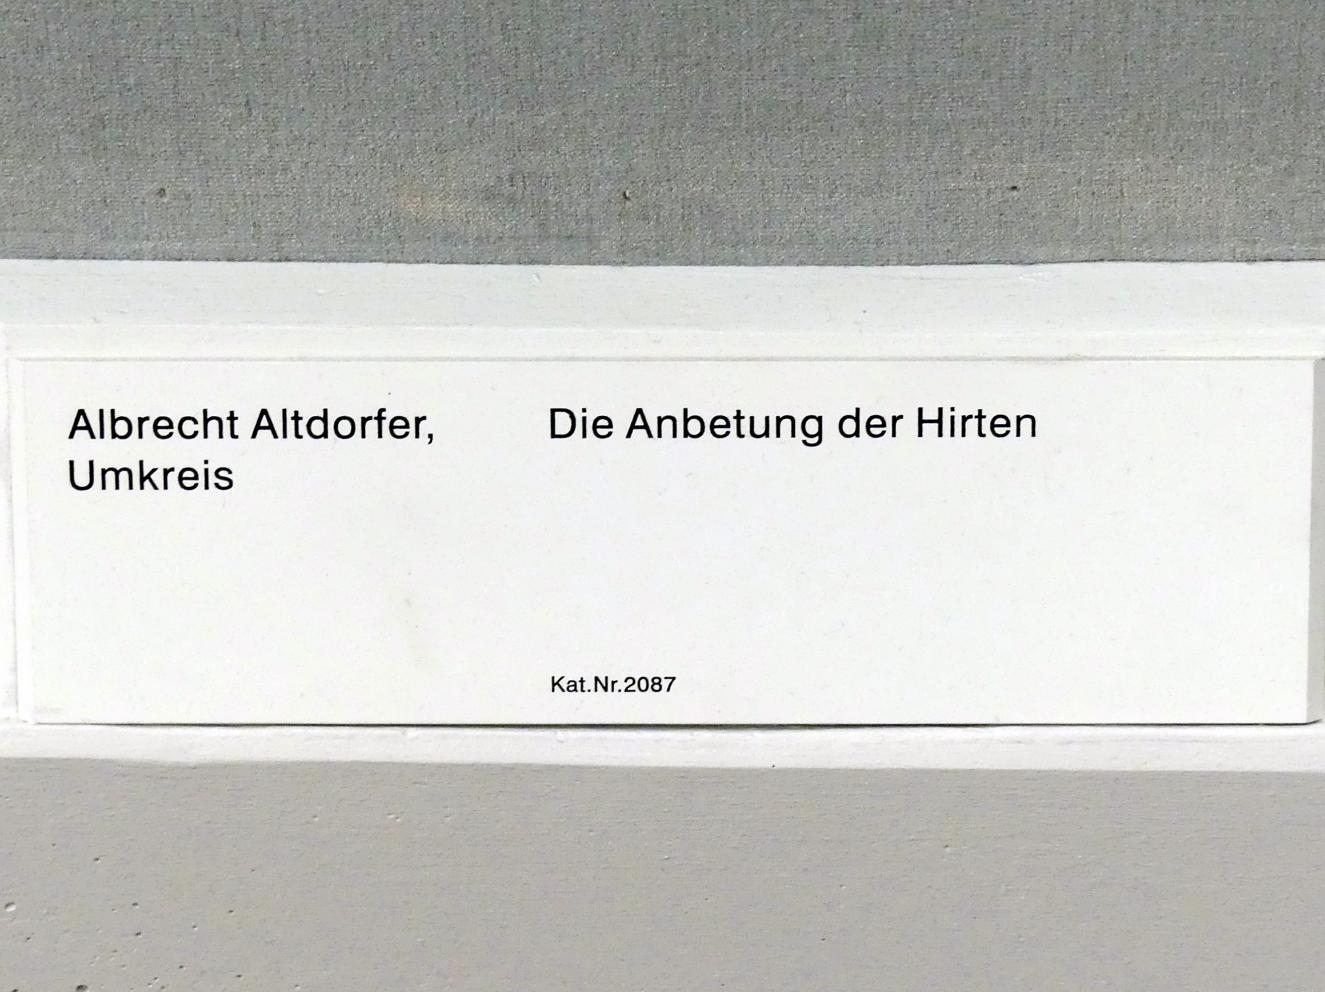 Albrecht Altdorfer (Umkreis): Die Anbetung der Hirten, Undatiert, Bild 2/2